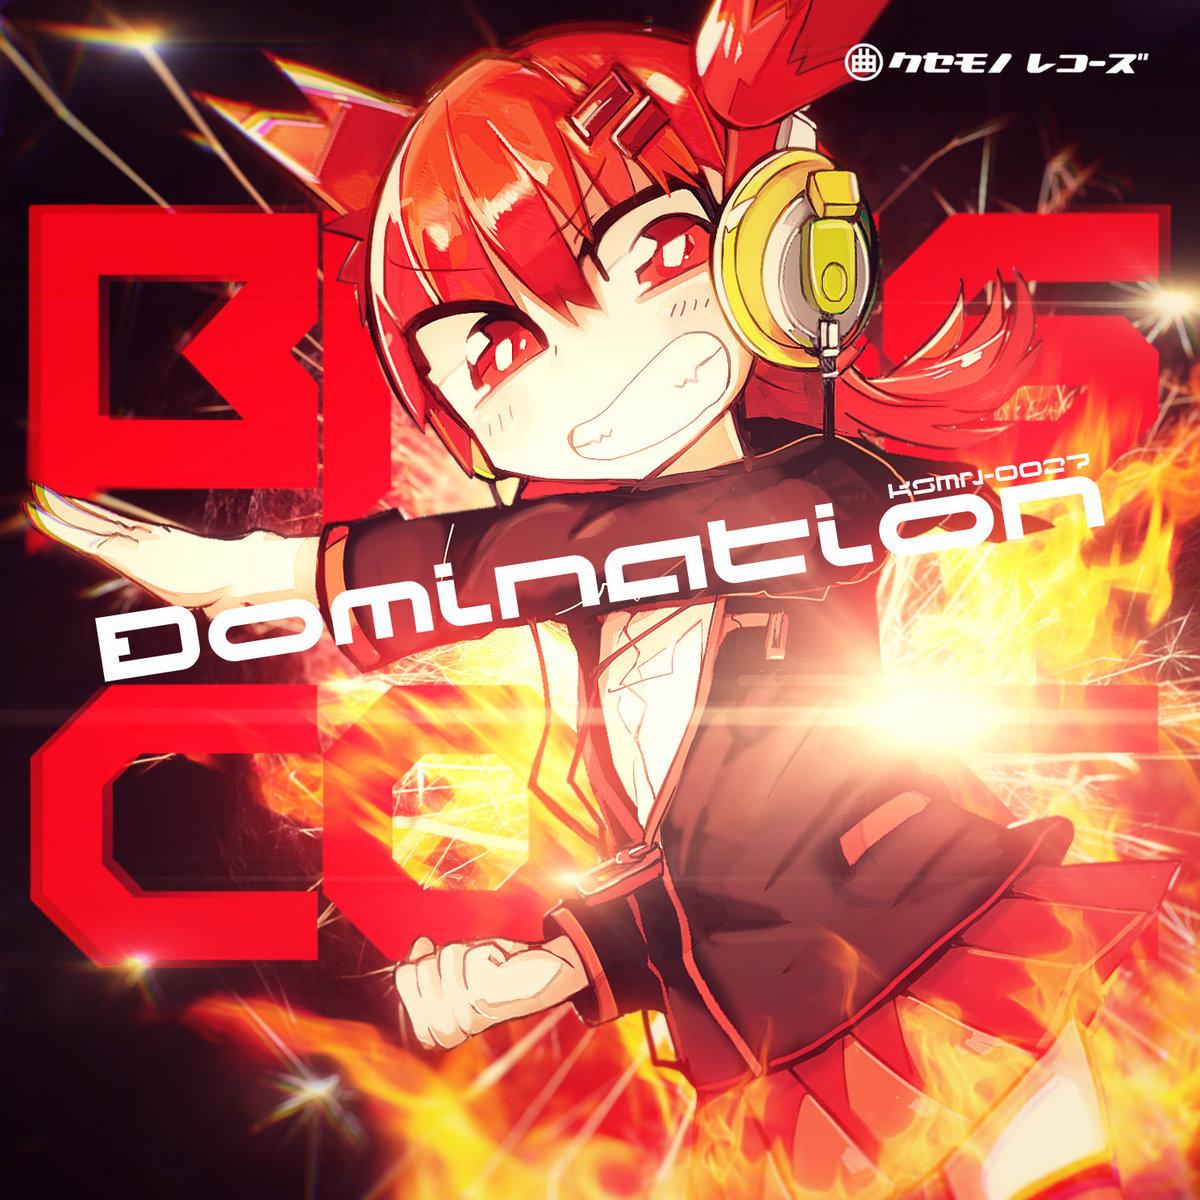 kusemono records wobble trouble